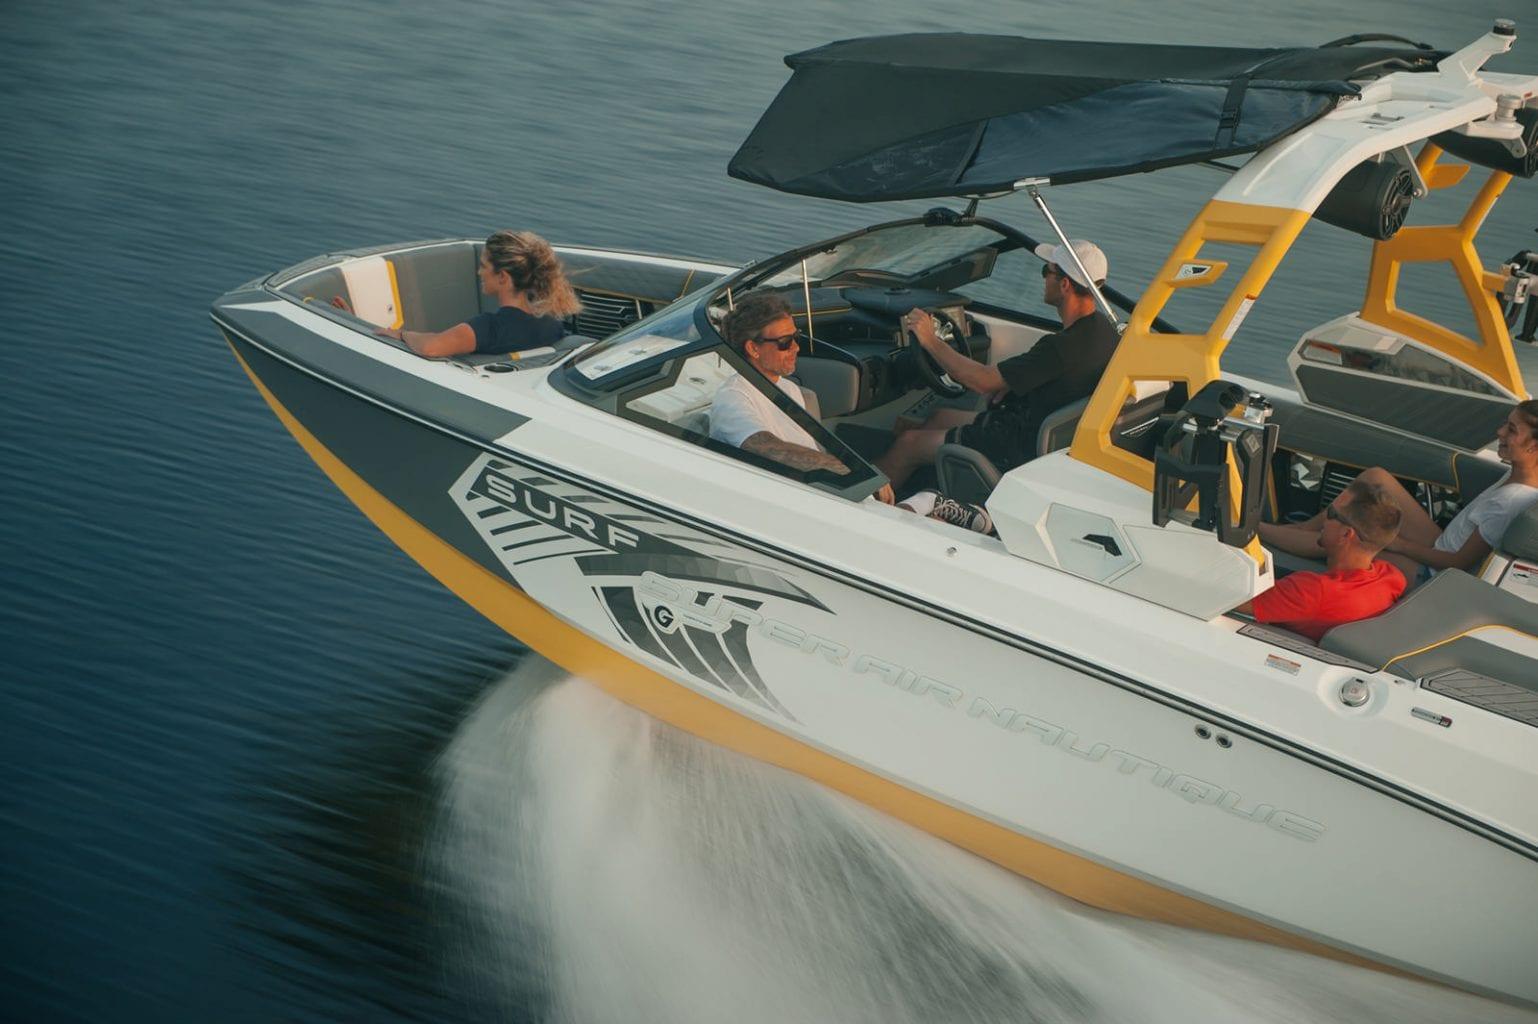 סירת ספורט וויקסרף וויקבורד NAUTIQUE G21 - סירת ספורט וויקסרף וויקבורד NAUTIQUE G21 - סטרים יאכטות